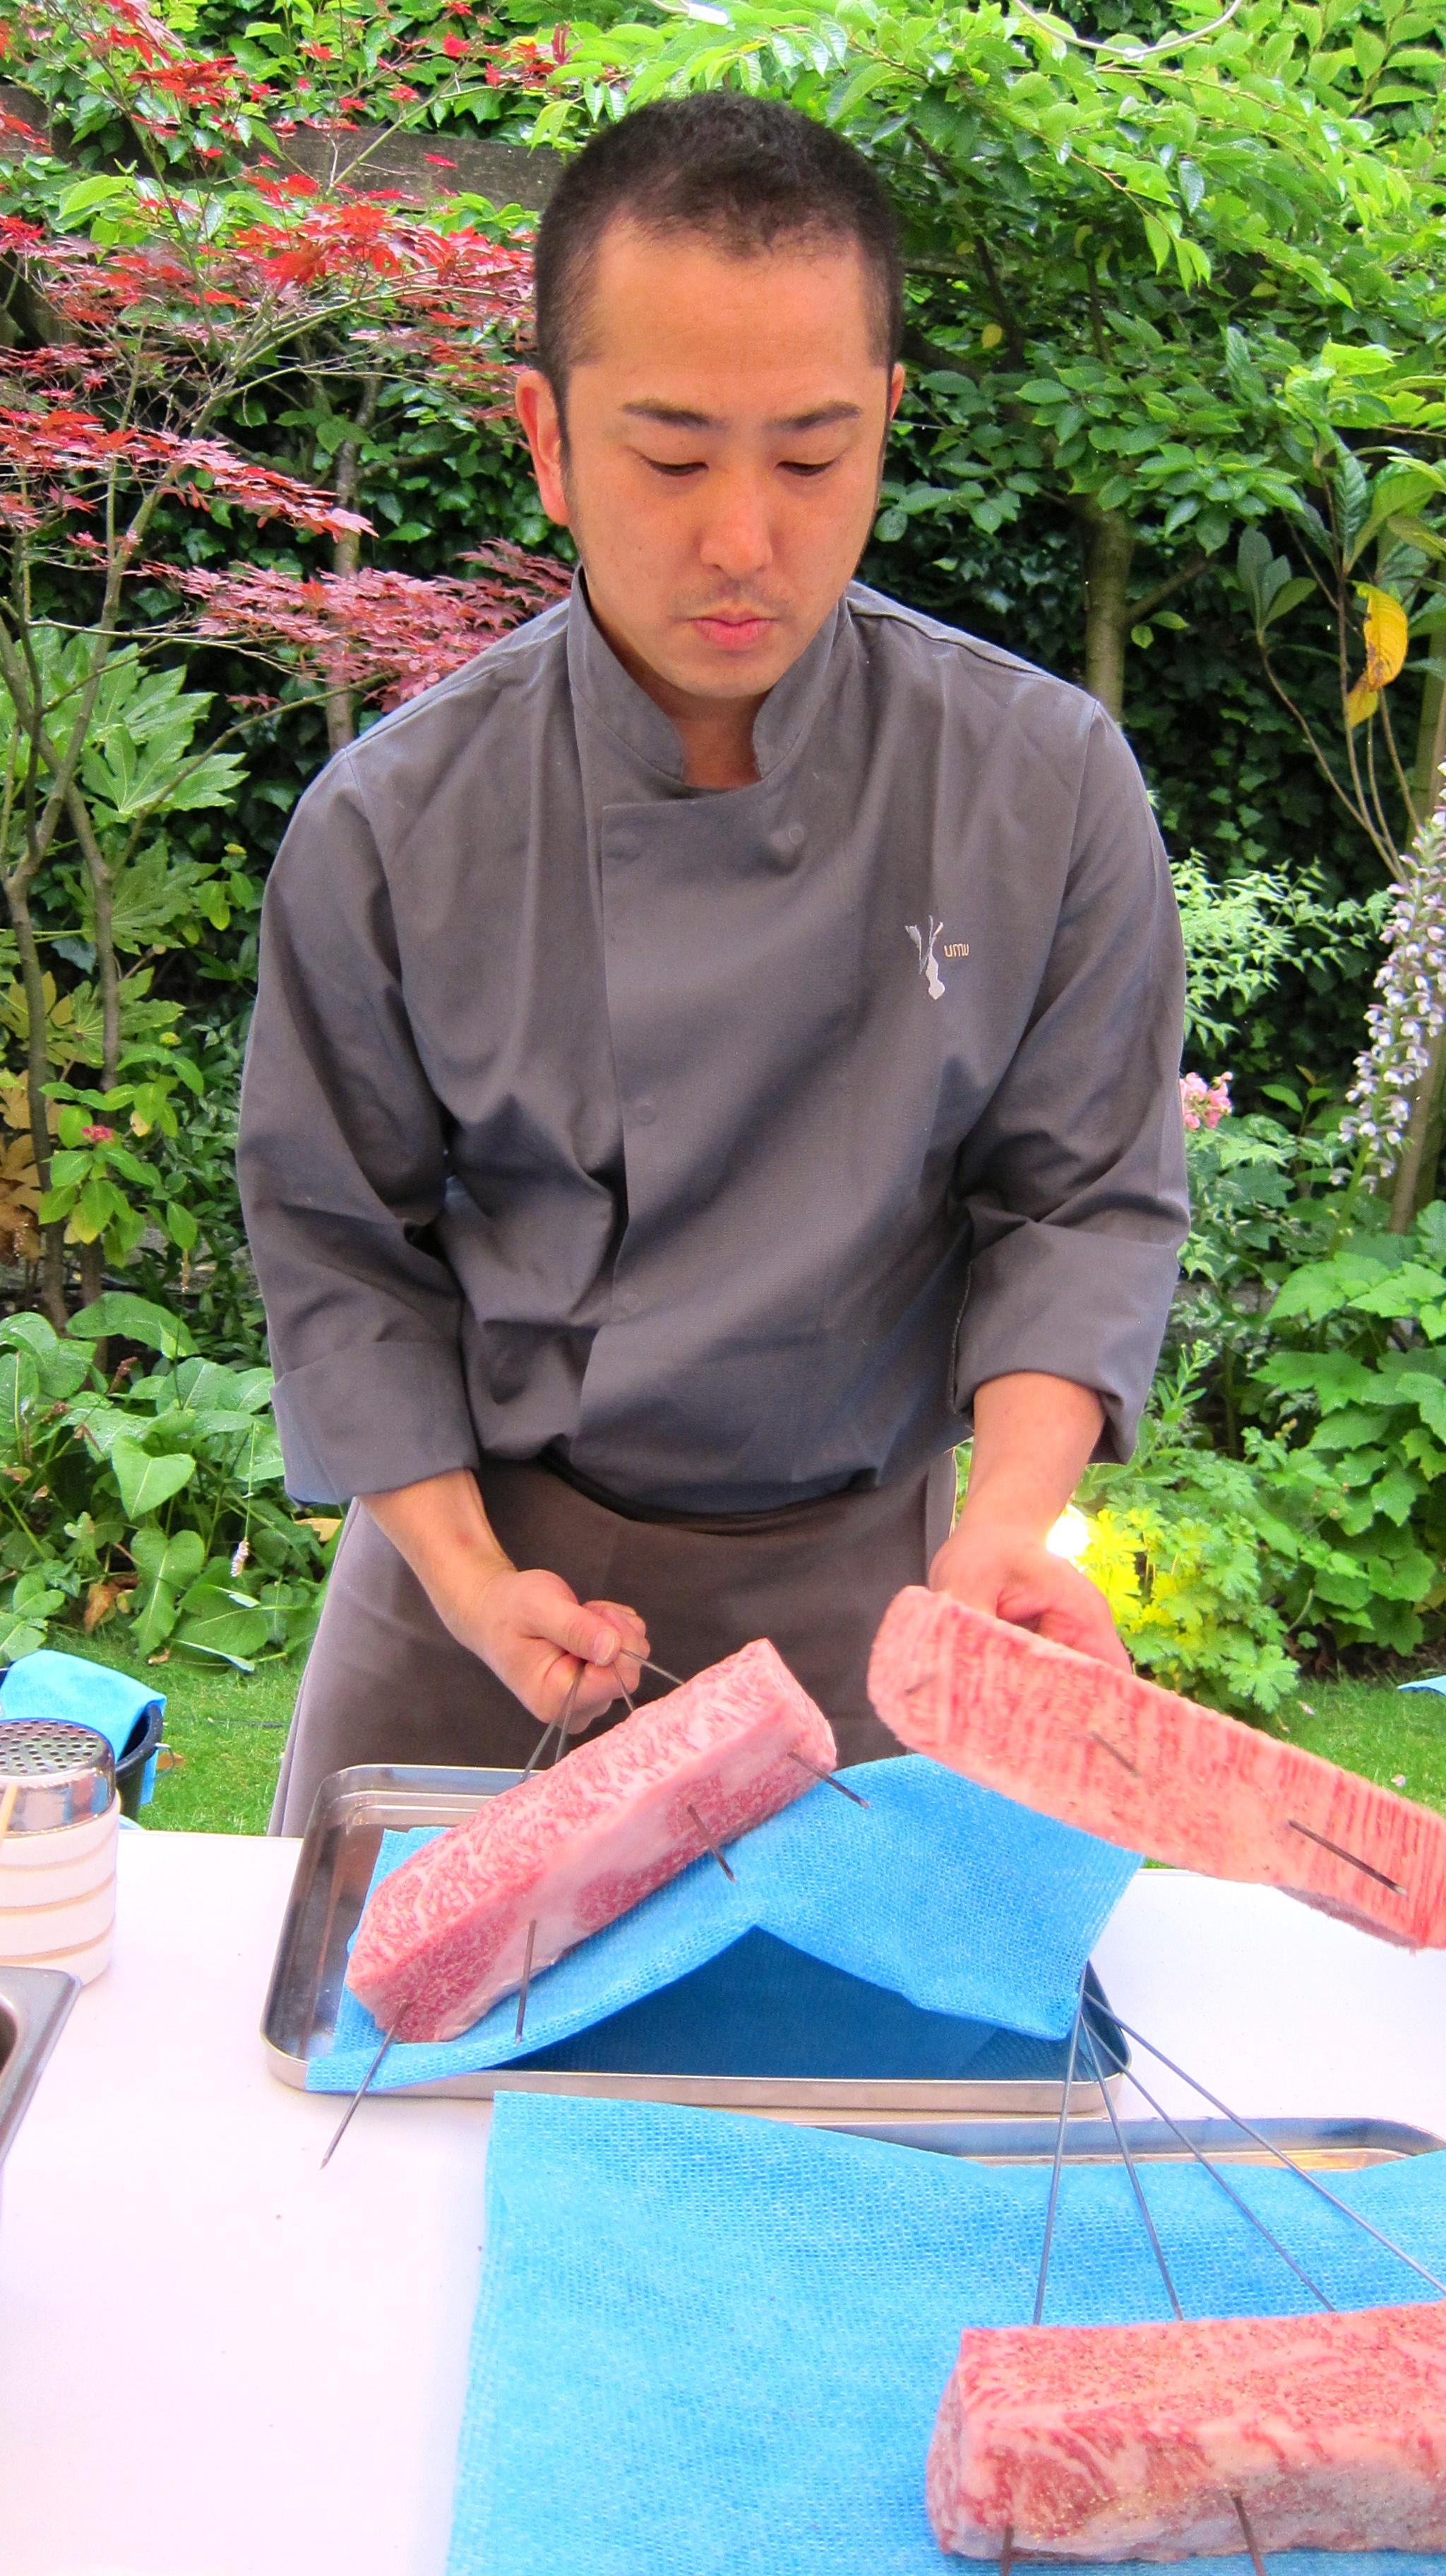 Wagyu Sirloin being prepared